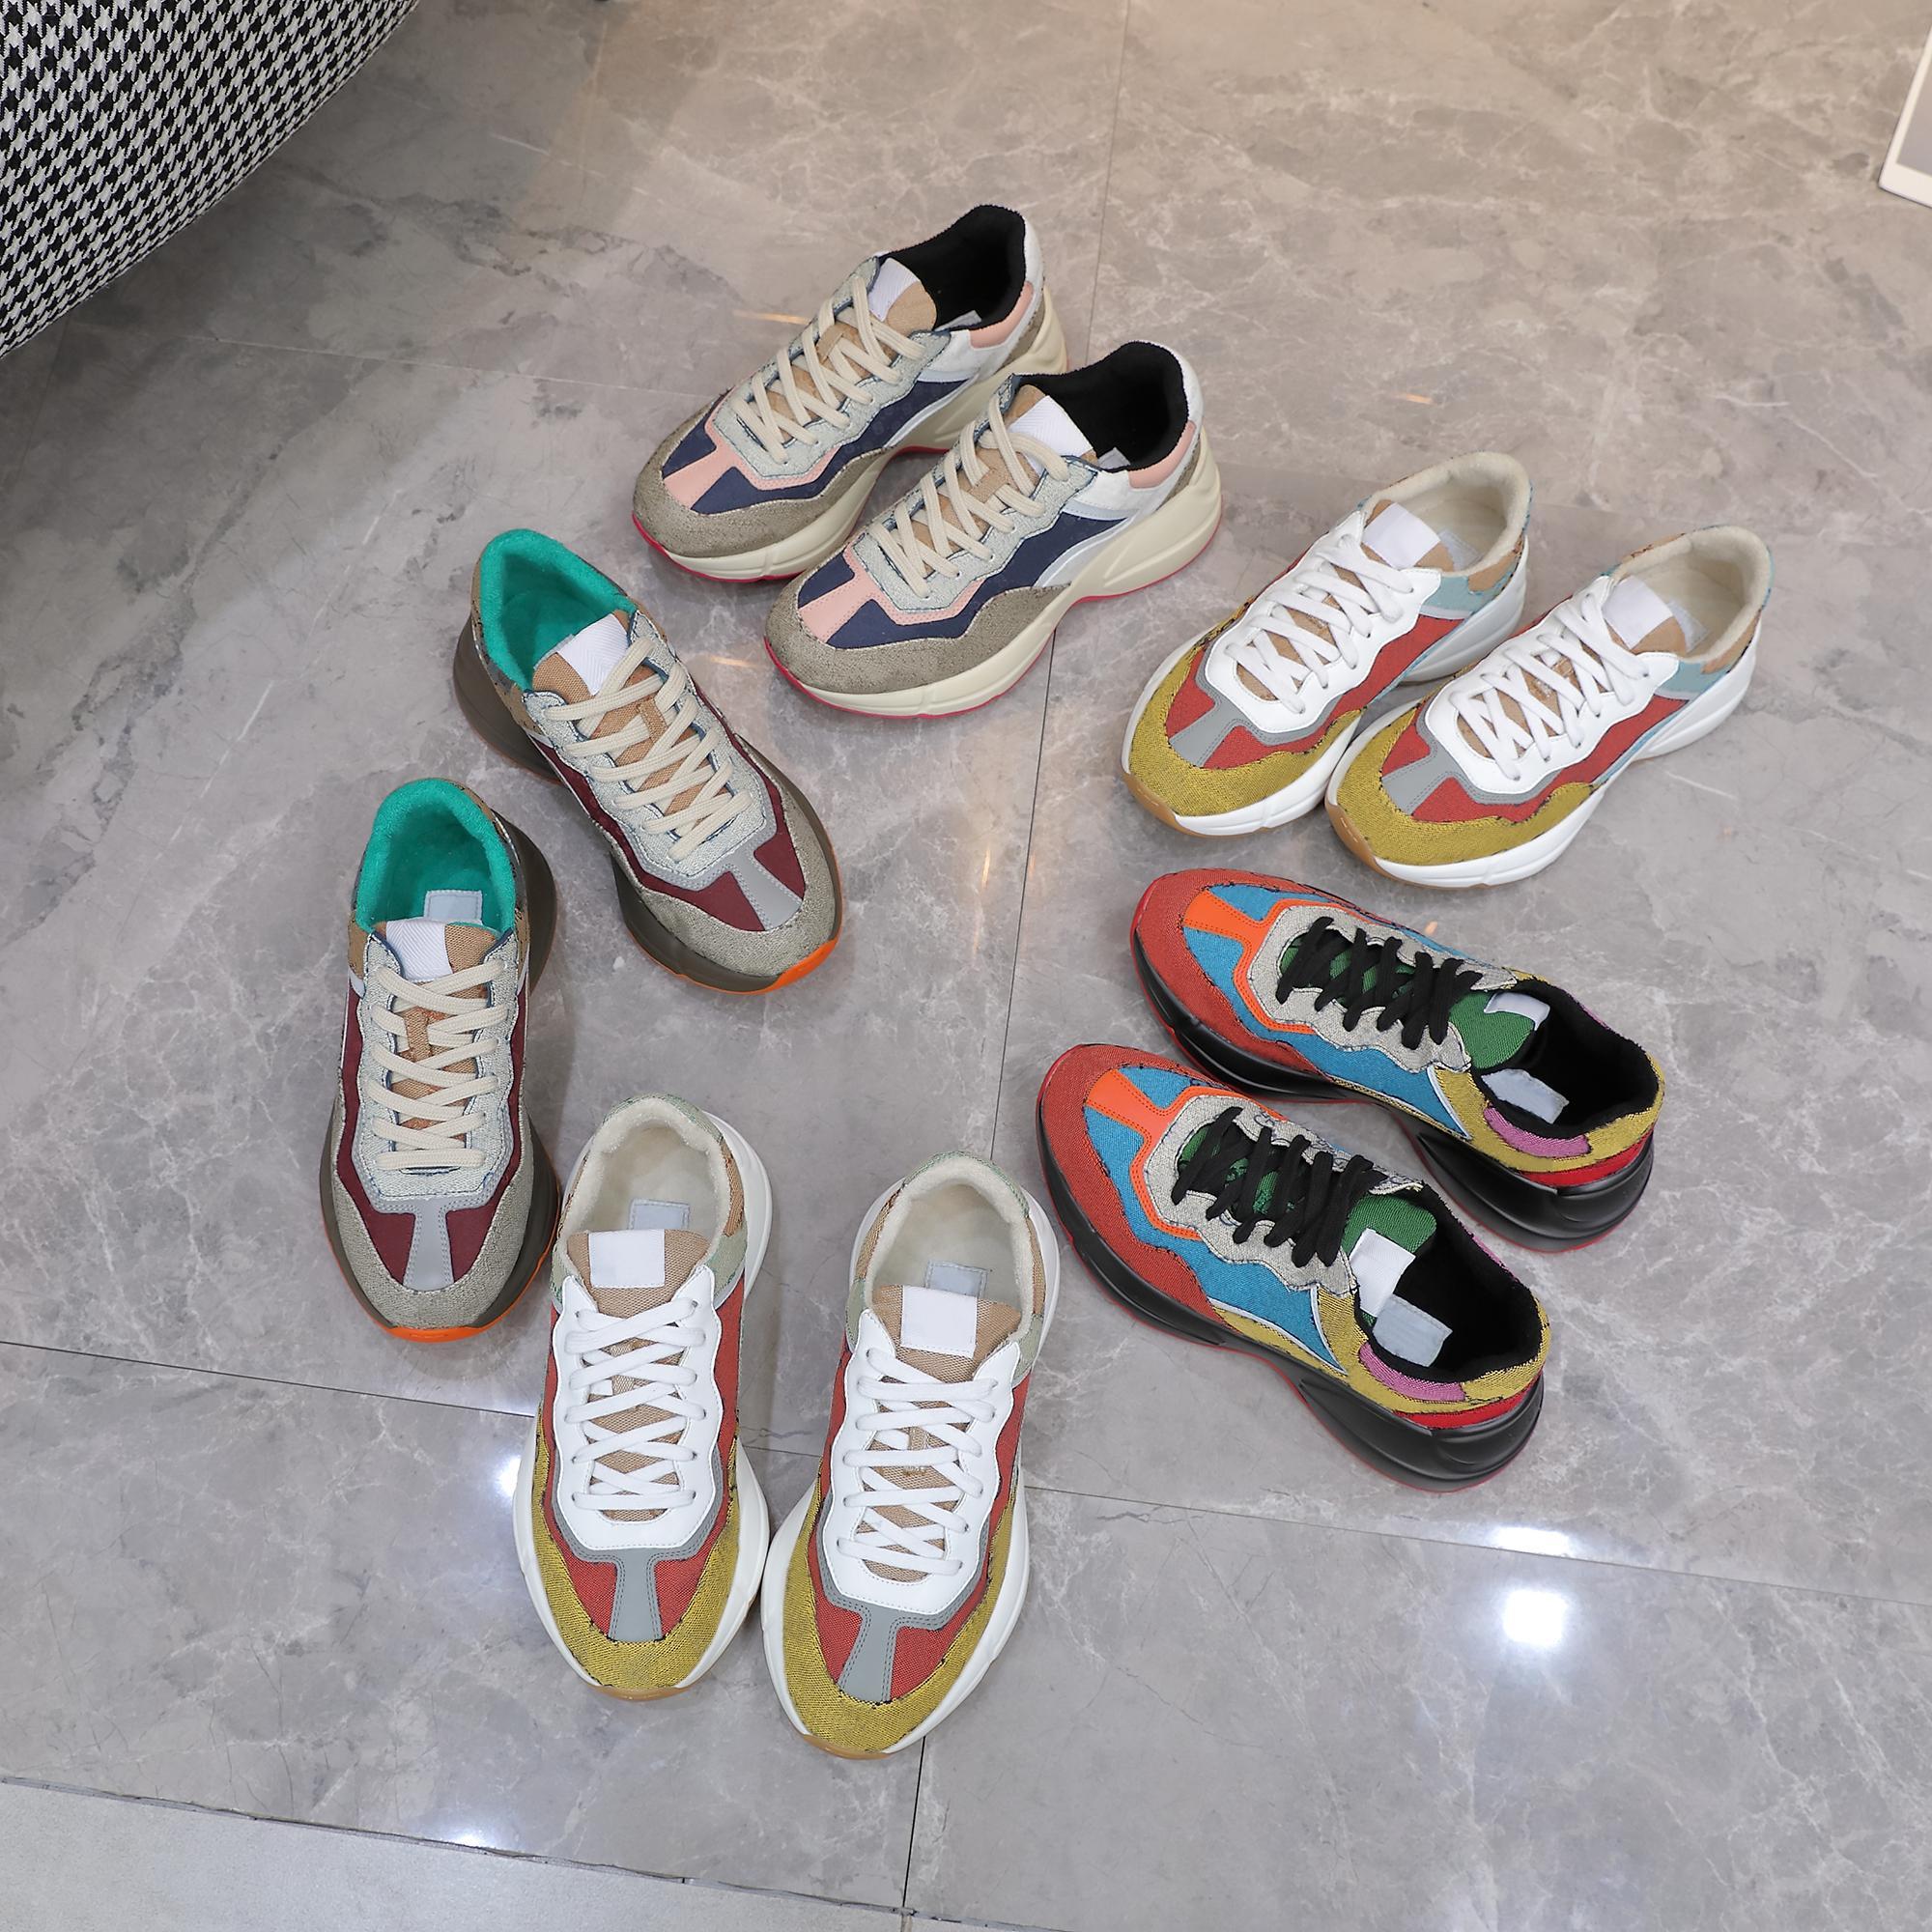 Rhyton Повседневная Обувь Кроссовки Мужчины Женщины Толстый Оболежный кроссовки Марка Реальный Кожа Роскошный Дизайнер Chaussures Комфортабельные Сравнистые Мода Белый Италия Ace Bee Платье